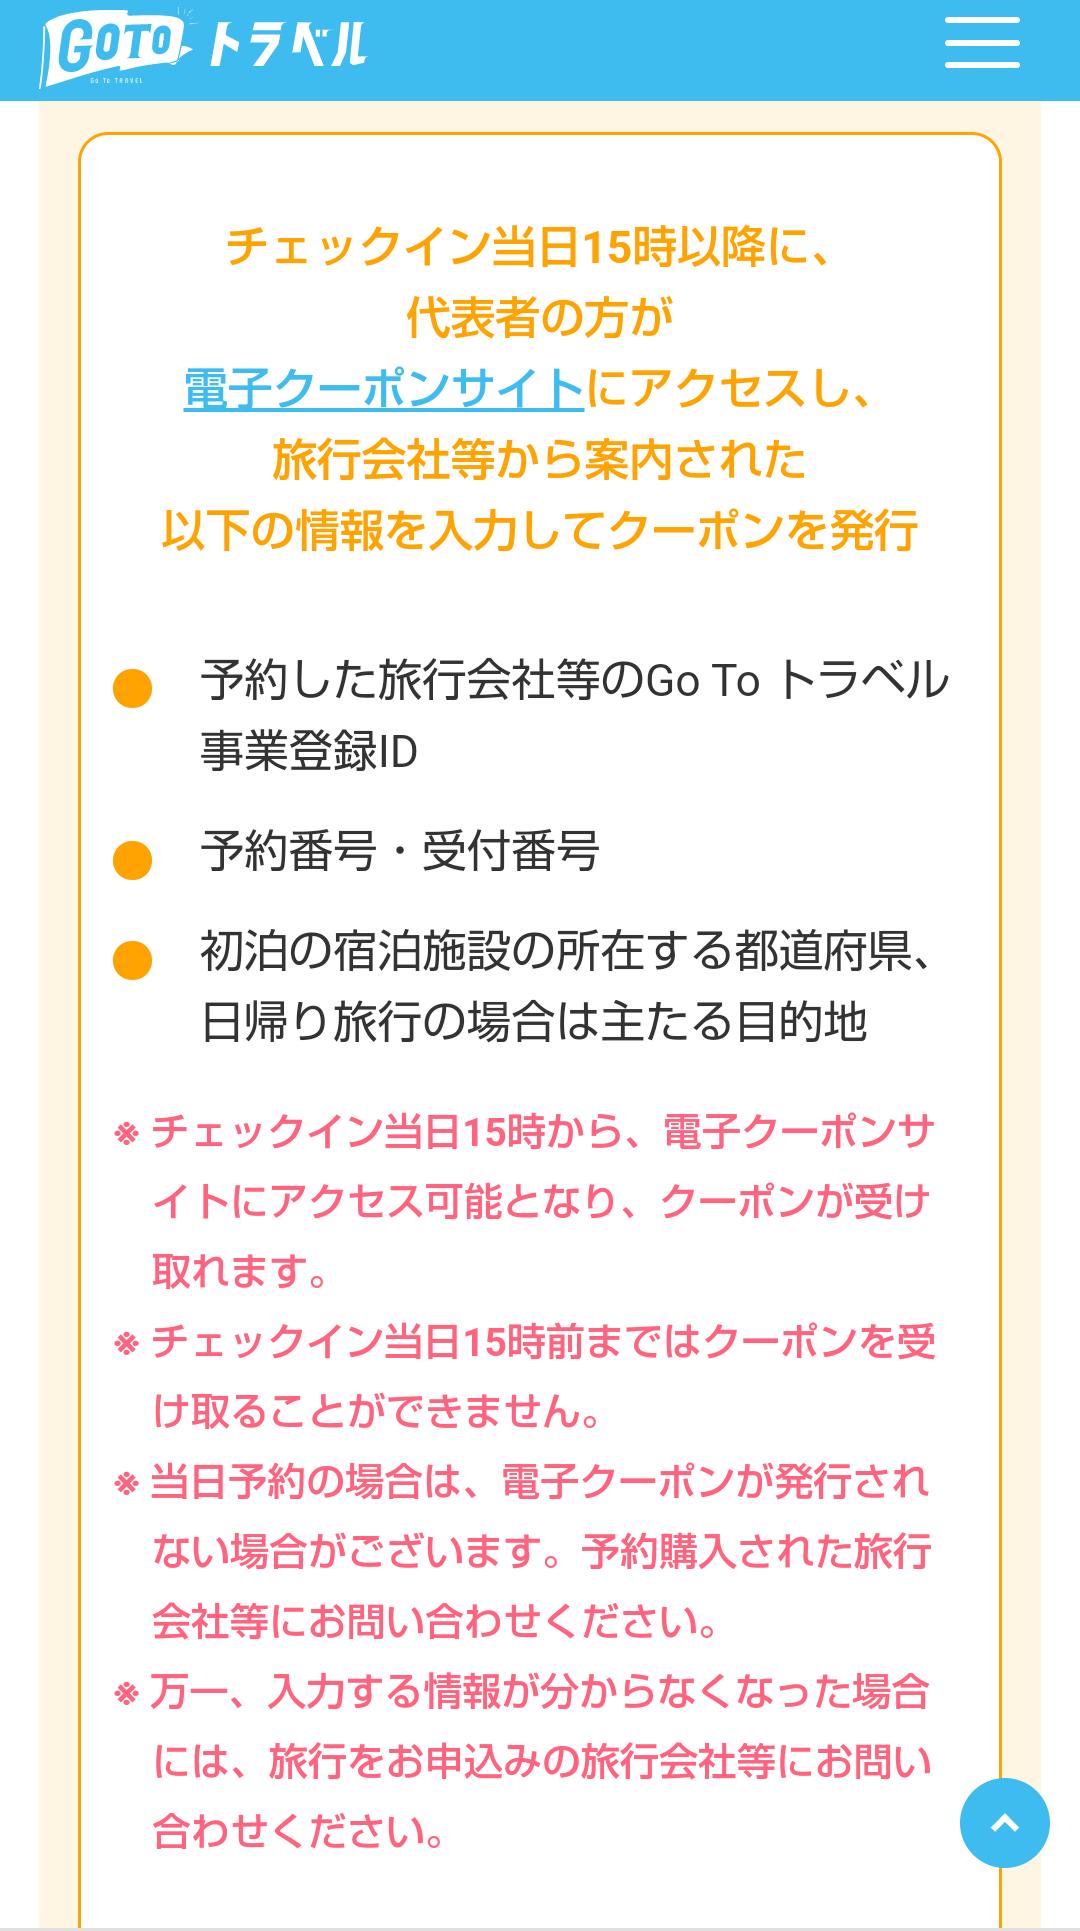 10月からの『Go Toトラベル』について_f0364455_23492006.png